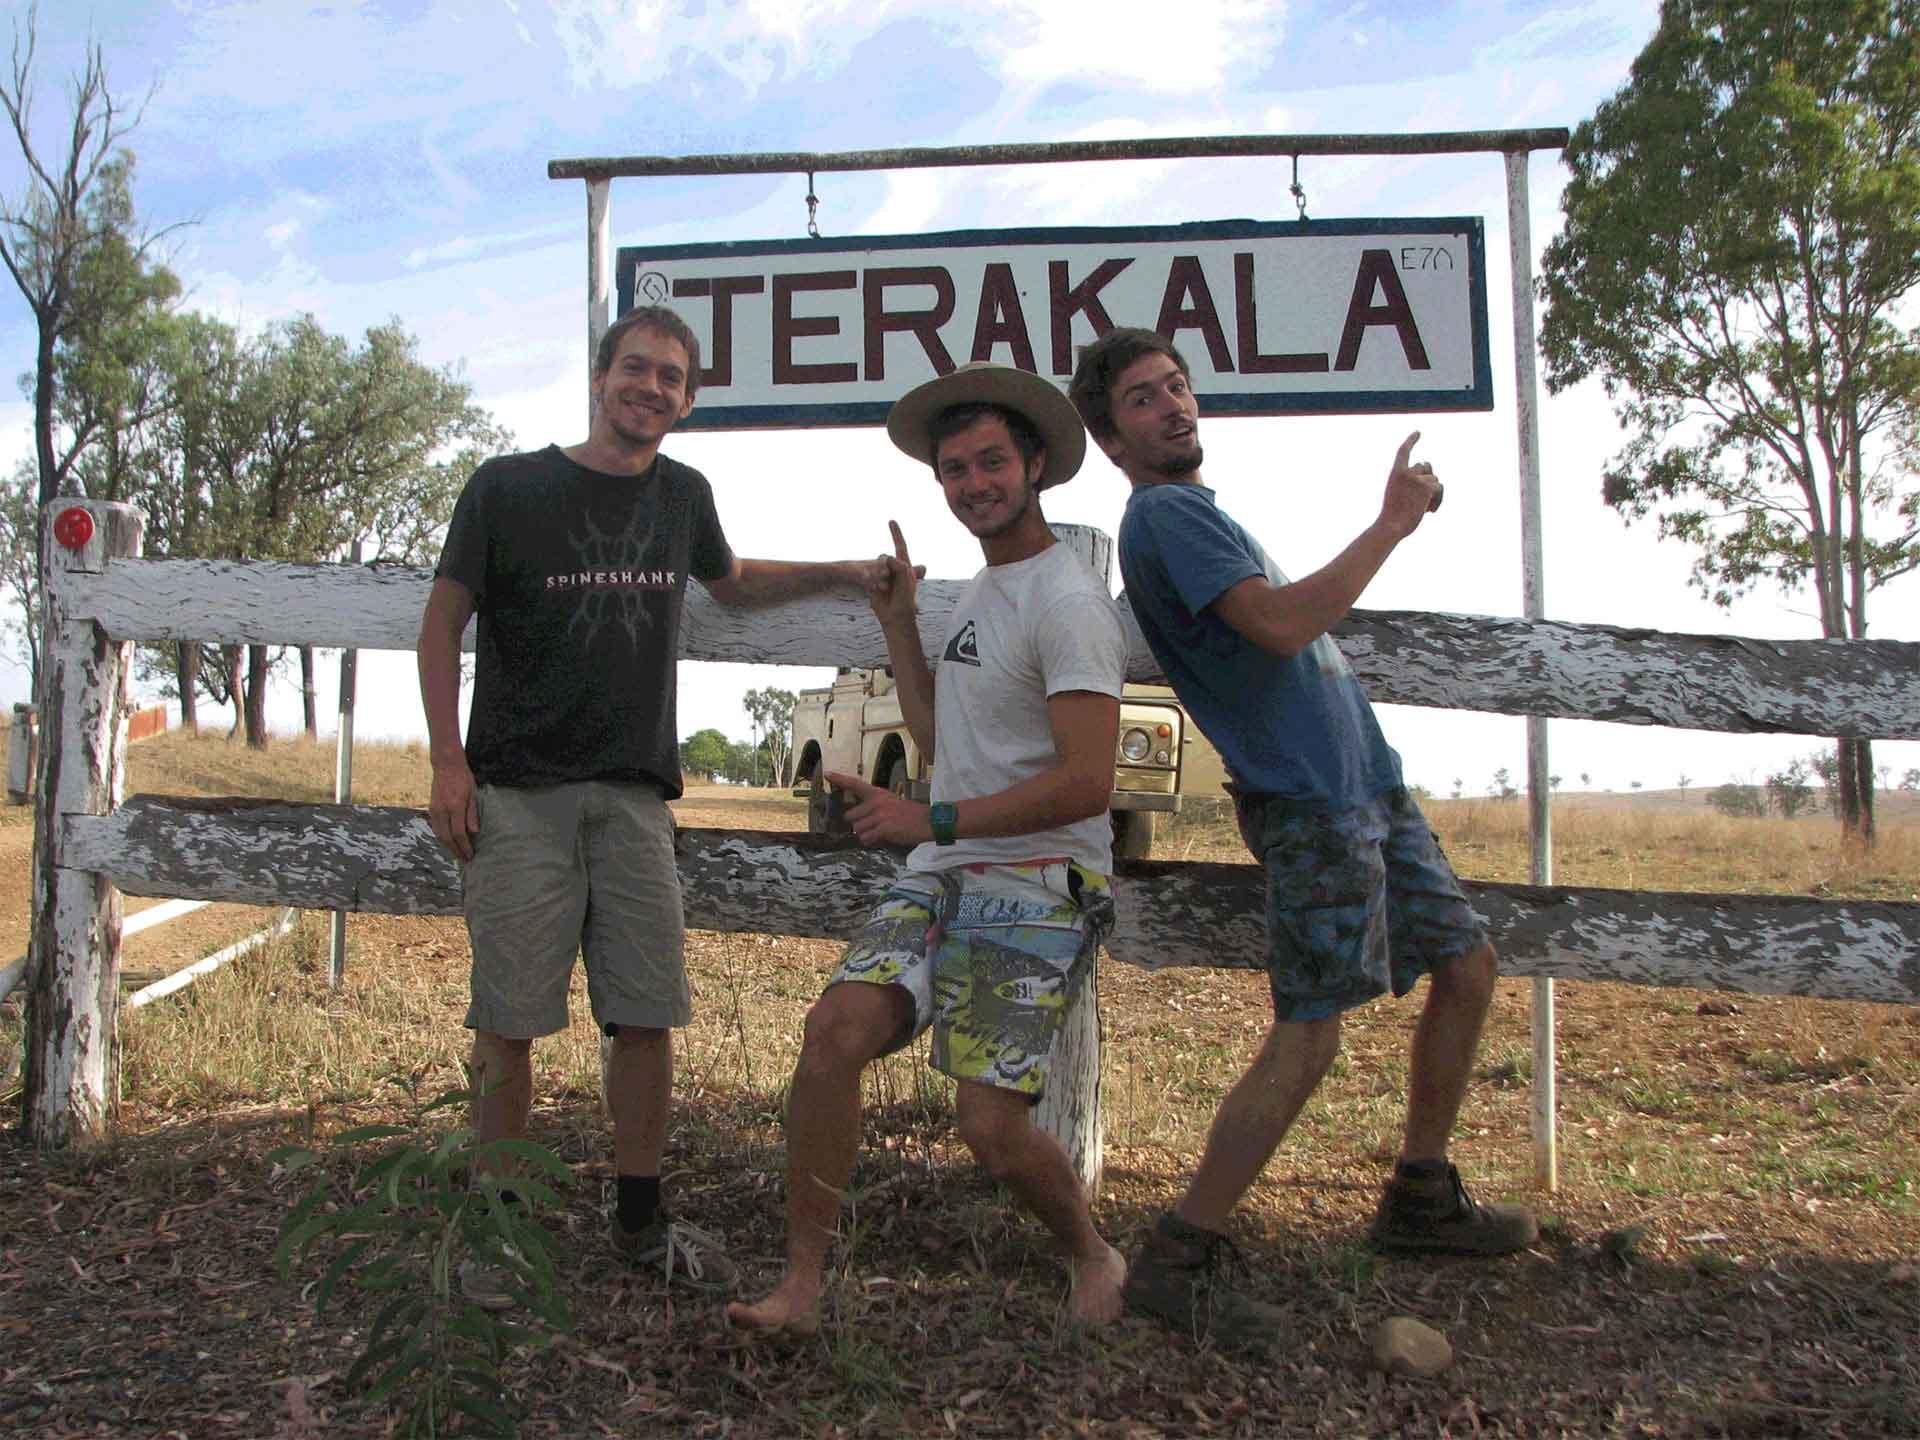 Jerakala Lads